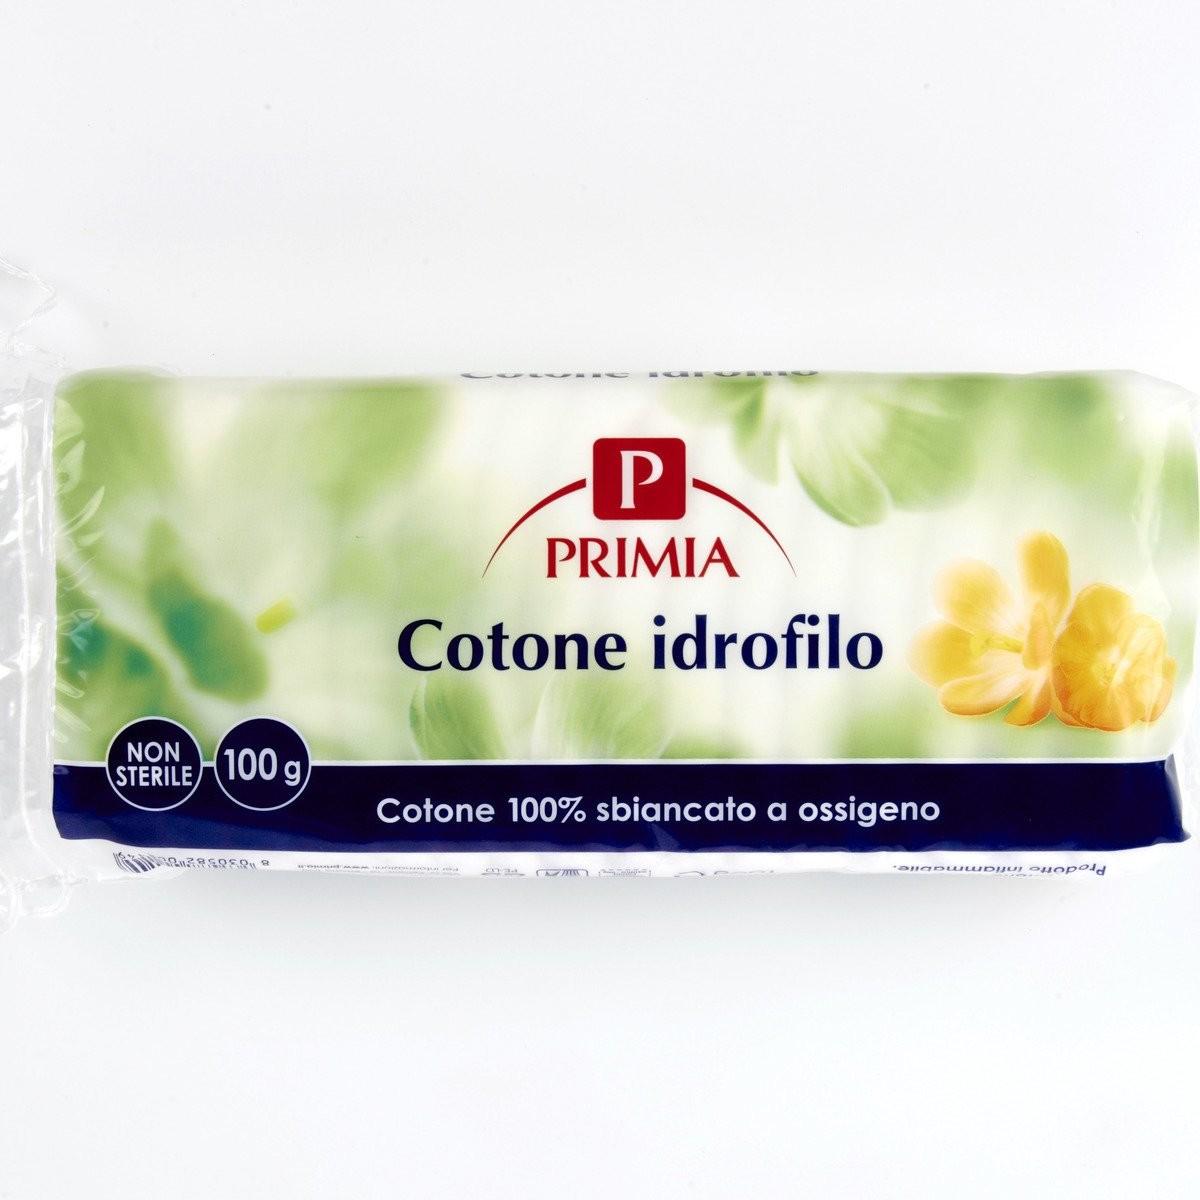 Primia Cotone idrofilo sbiancato a ossigeno